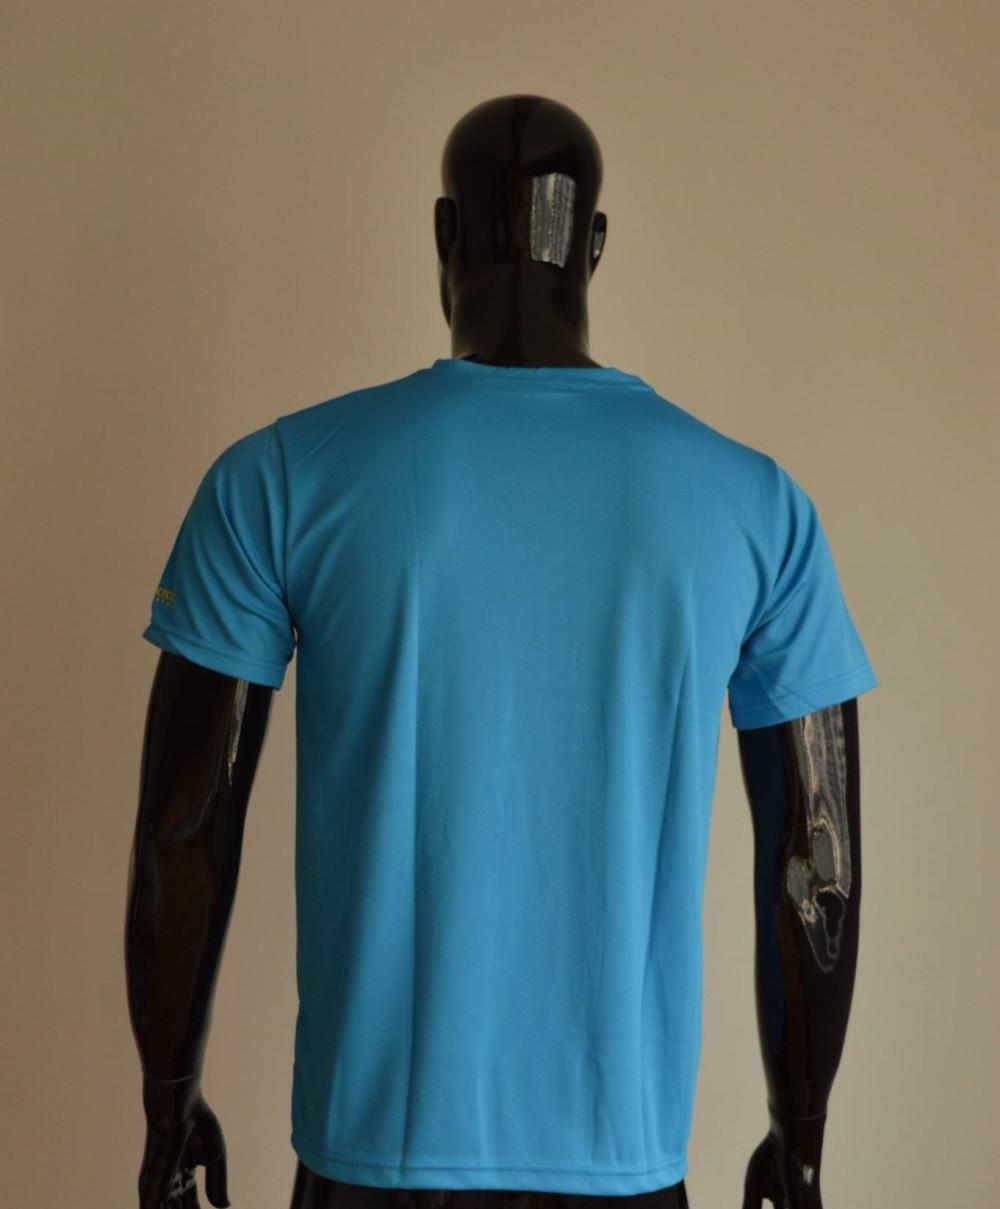 Mẫu áo thun cá sấu màu xanh da trời - tay ngắn, cổ tròn cho nam (3)